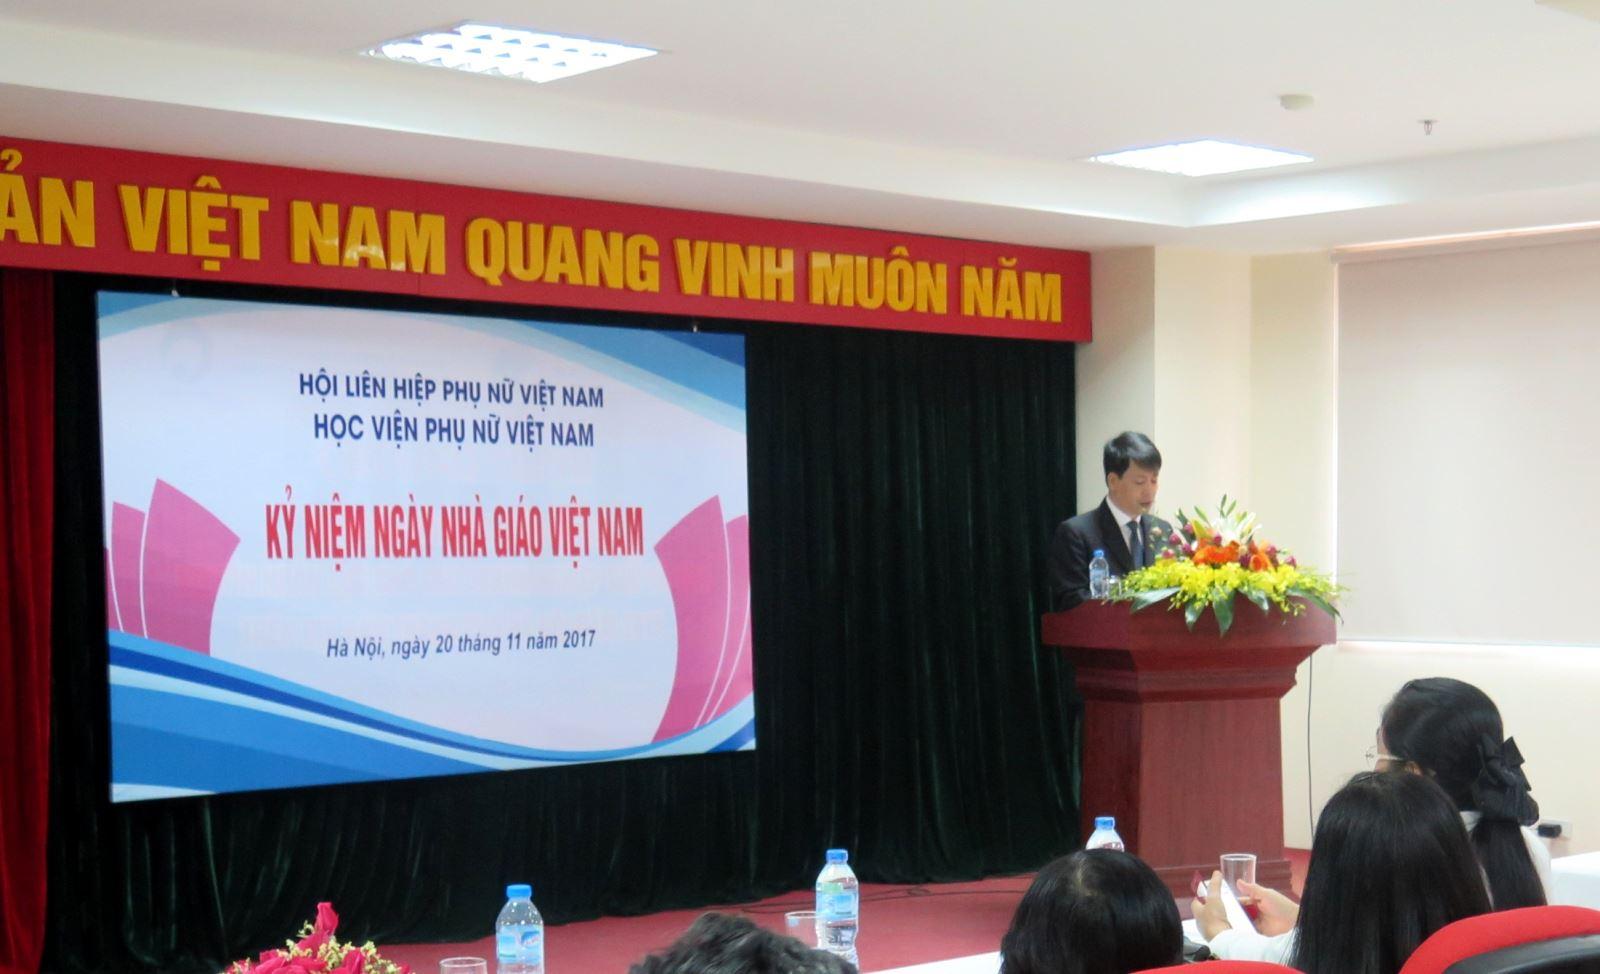 Diễn văn kỉ niệm ngày Nhà giáo Việt Nam 20/11